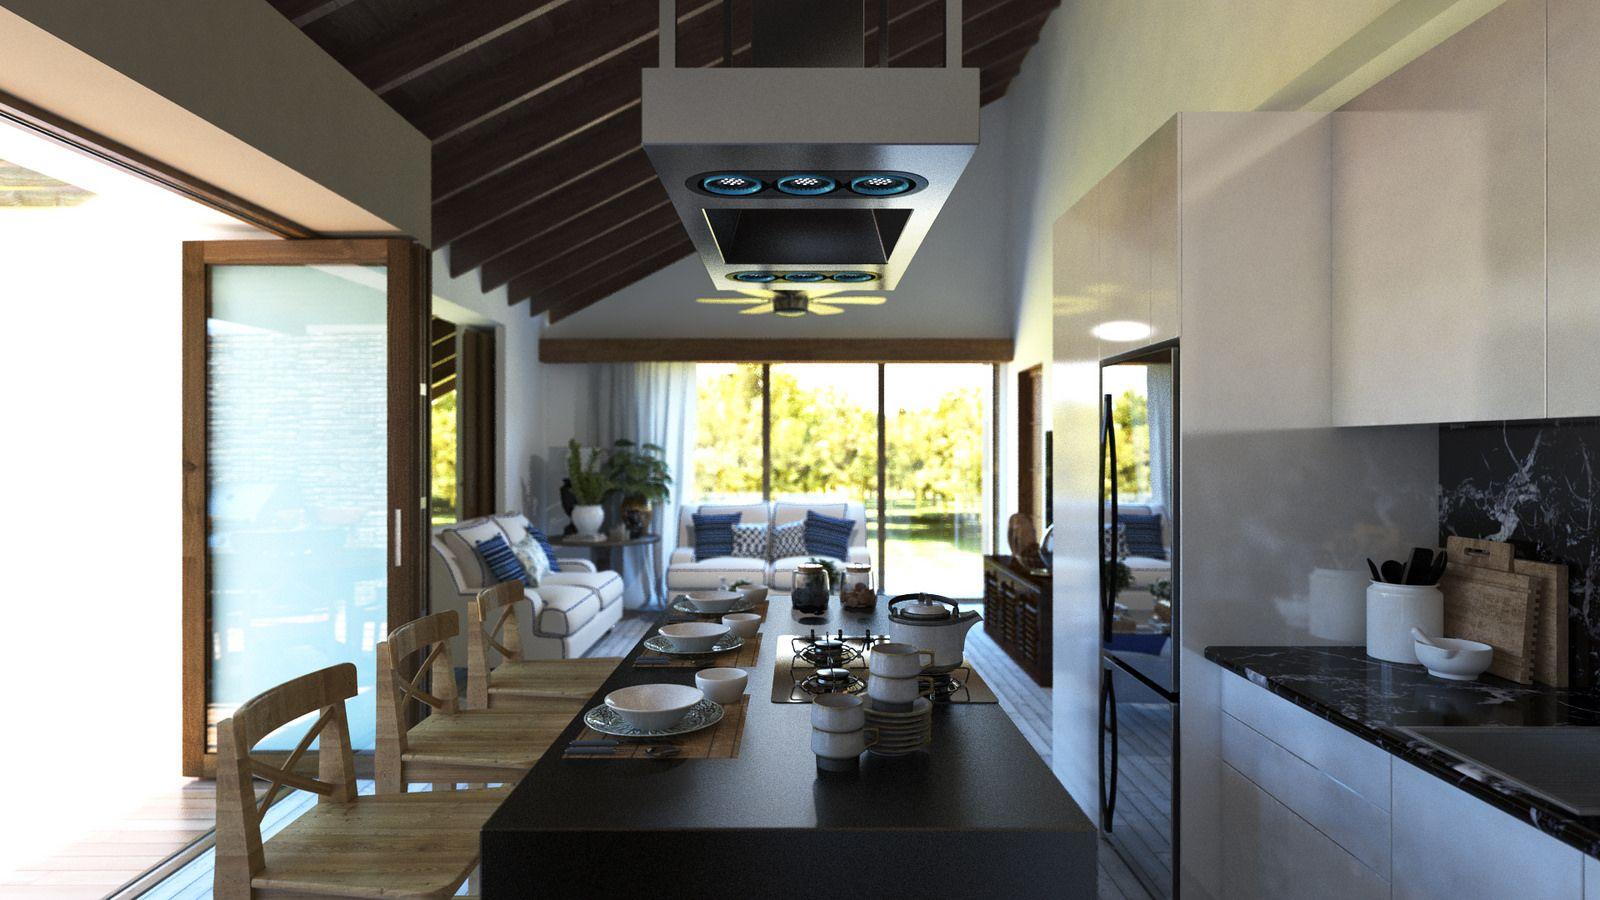 https://flic.kr/p/AF5FuM | Palmarena-Playa_Coson-Coson_Beach-Surf-Surfing-Apartamentos-Apartment-Vacations-Vacaciones-Caribbean-Caribe-Summer-Las_Terrenas-Terrenas-Samana-Residences-Resorts-Home-Tiva-Republica_Dominicana | Palmarena-Playa_Coson-Coson_Beach-Surf-Surfing-Apartamentos-Apartment-Vacations-Vacaciones-Caribbean-Caribe-Summer-Las_Terrenas-Terrenas-Samana-Residences-Resorts-Home-Tiva-Republica_Dominicana